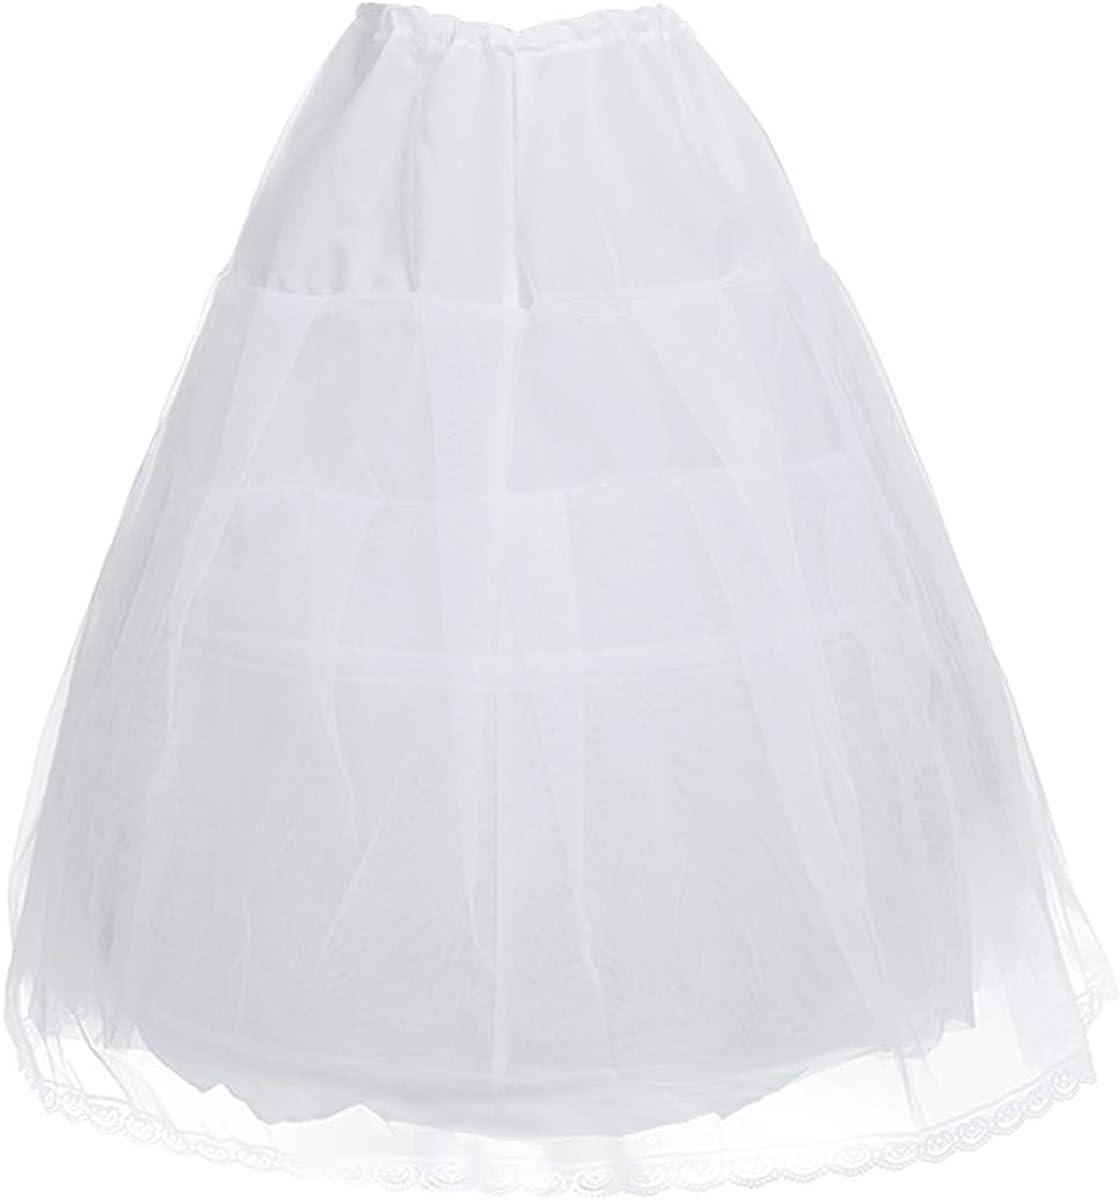 JanJean Girls 3 Layers 2 Hoop Petticoat Underskirt Crinoline Slip for Flower Girls Wedding Dress